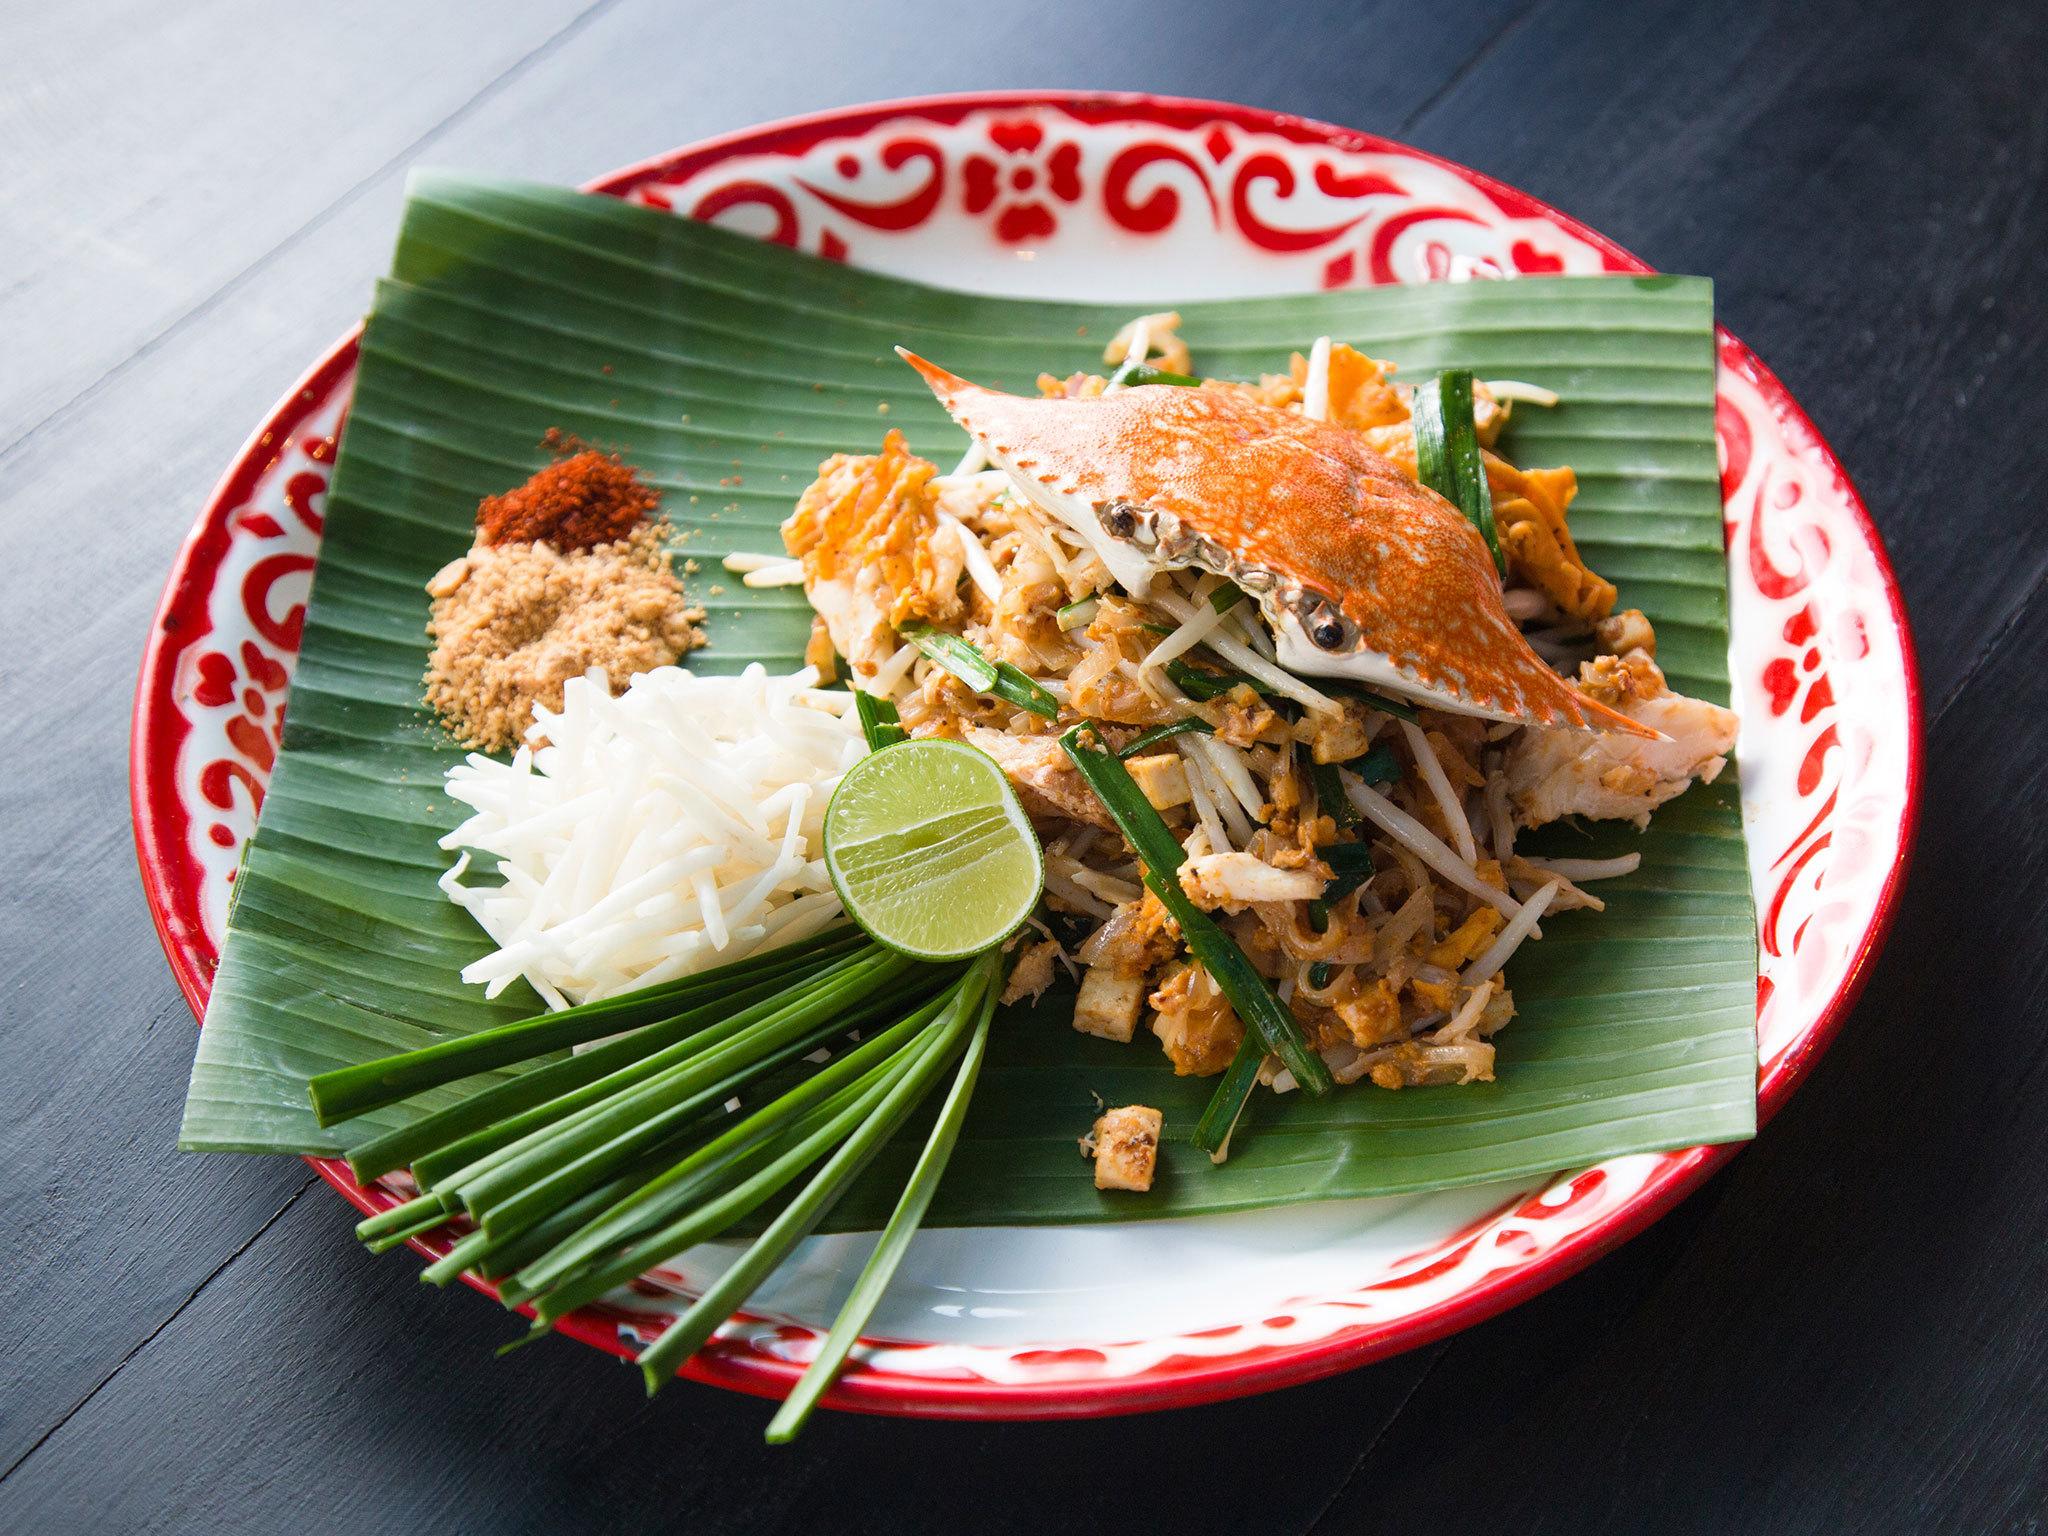 A menu at Baan Phadthai